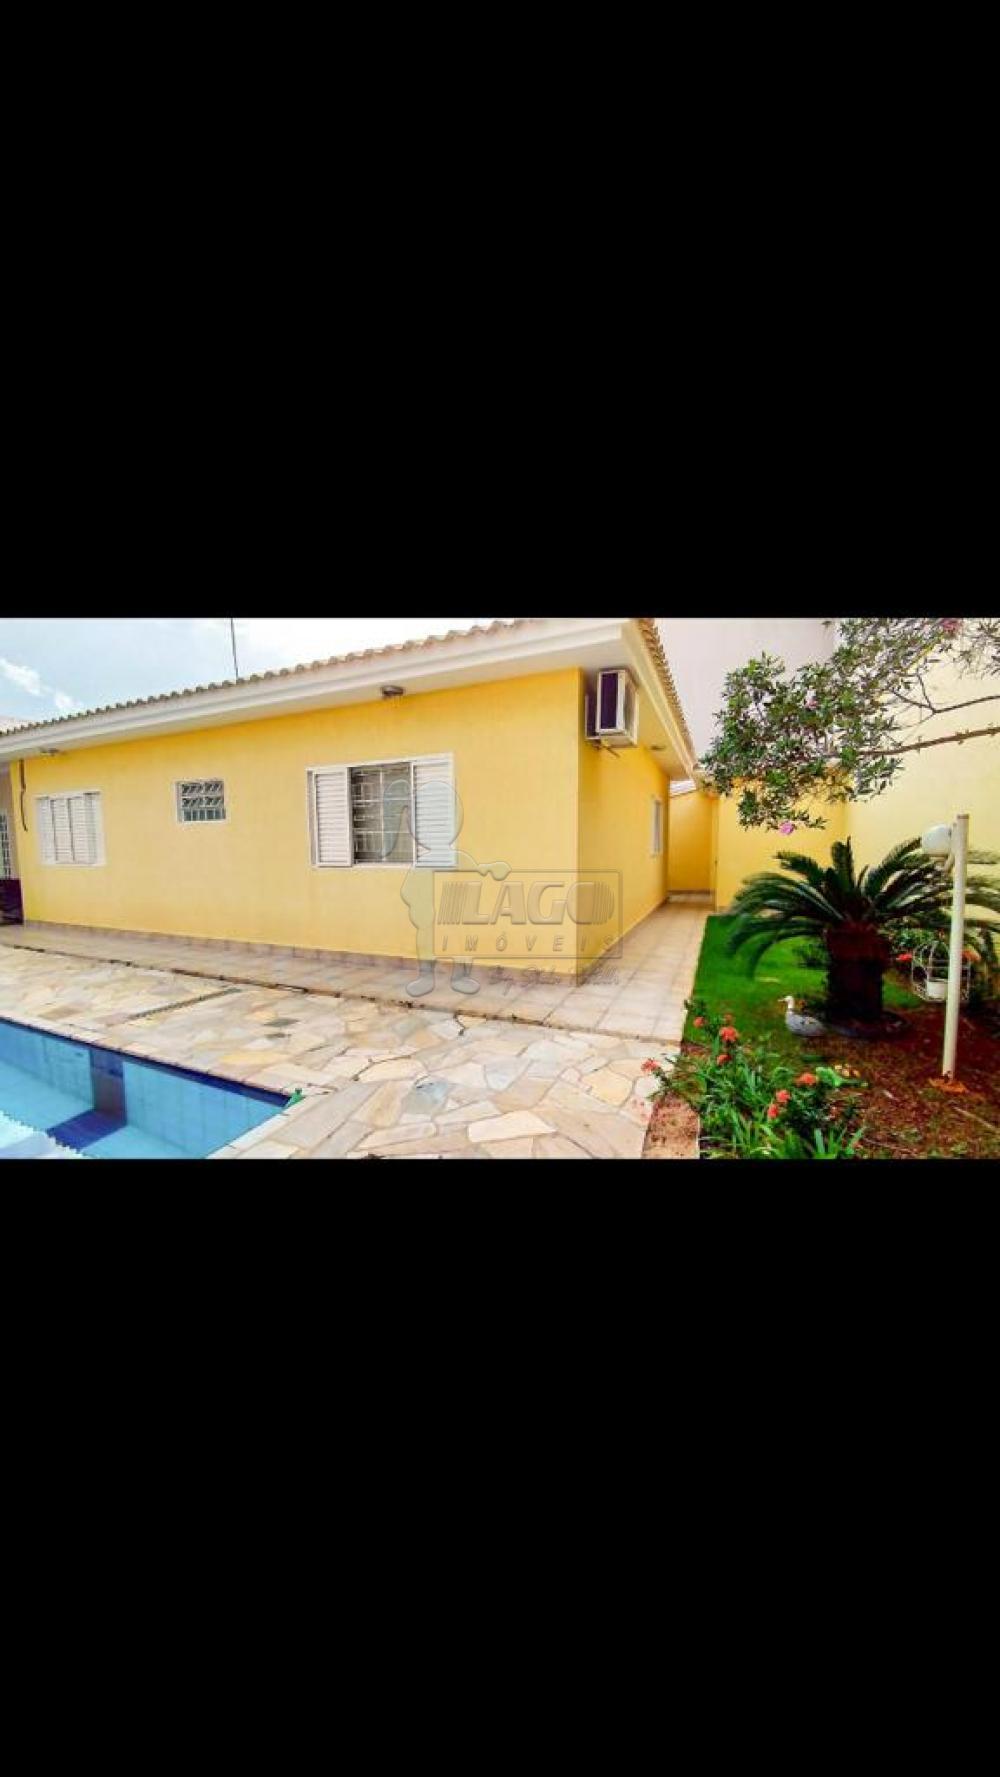 Comprar Casas / Padrão em Ribeirão Preto apenas R$ 850.000,00 - Foto 11